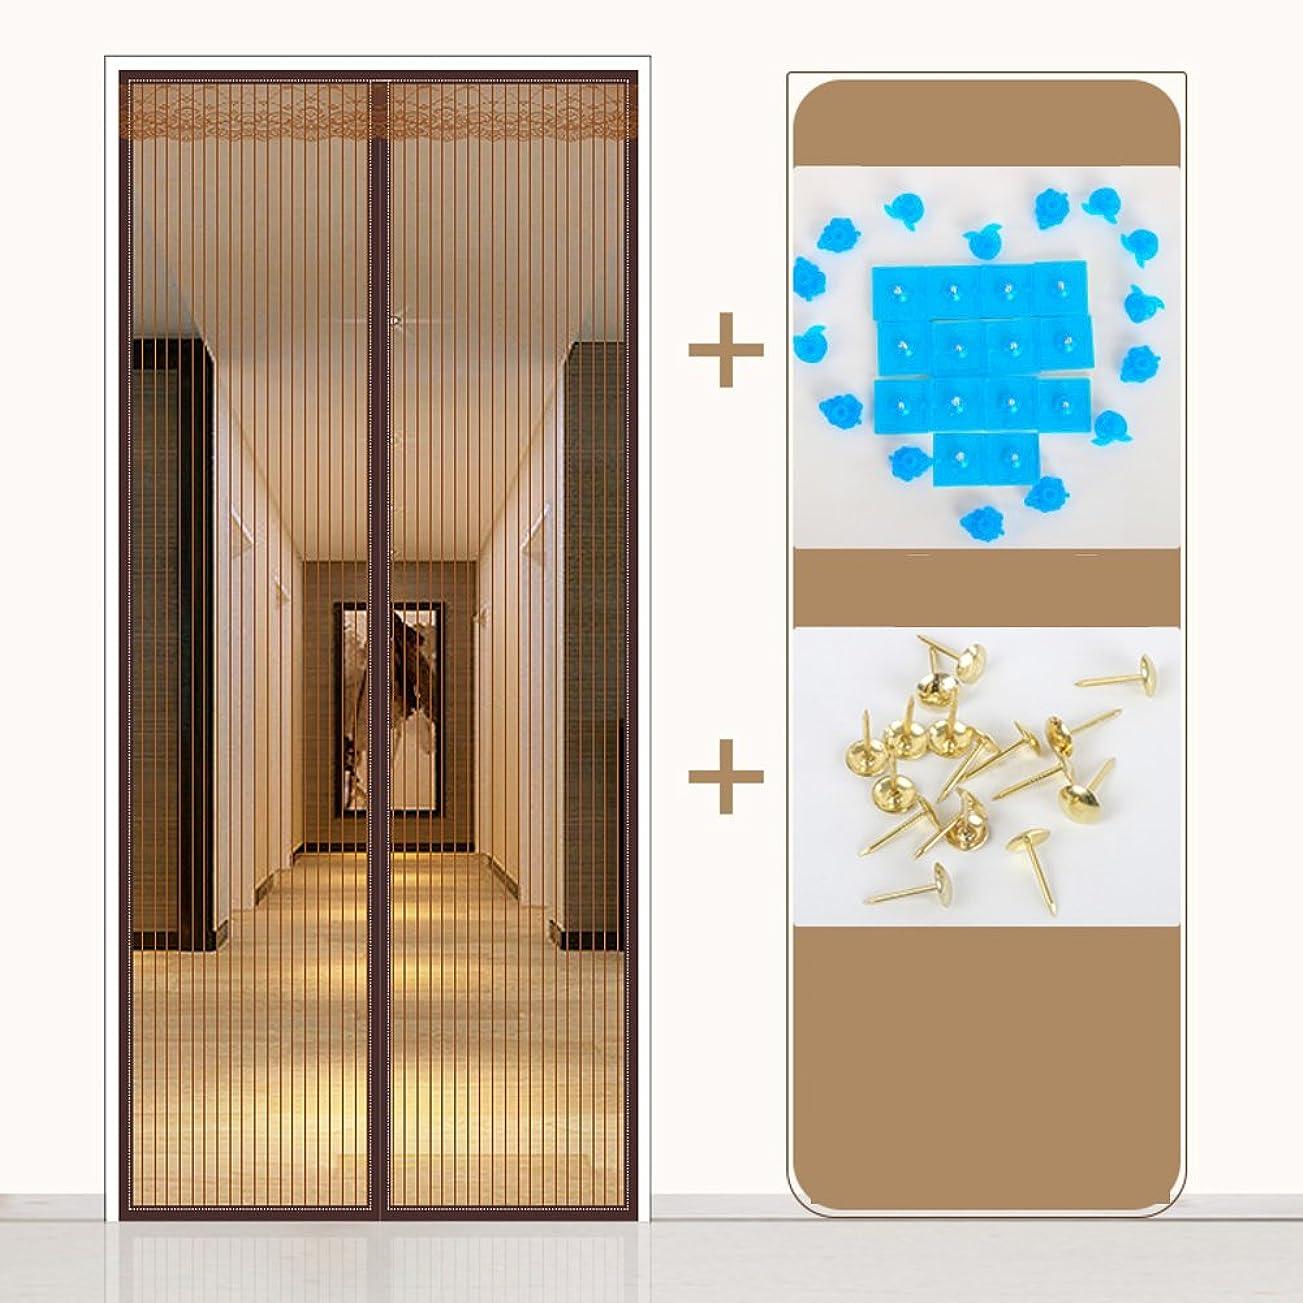 家主利得墓地夏スナップは蚊磁気スクリーン ドア家寝室画面ドア メッシュ フルフレーム velcro スクリーン ドア メッシュを自動的にシャット ダウン-E 180x220cm(71x87inch)